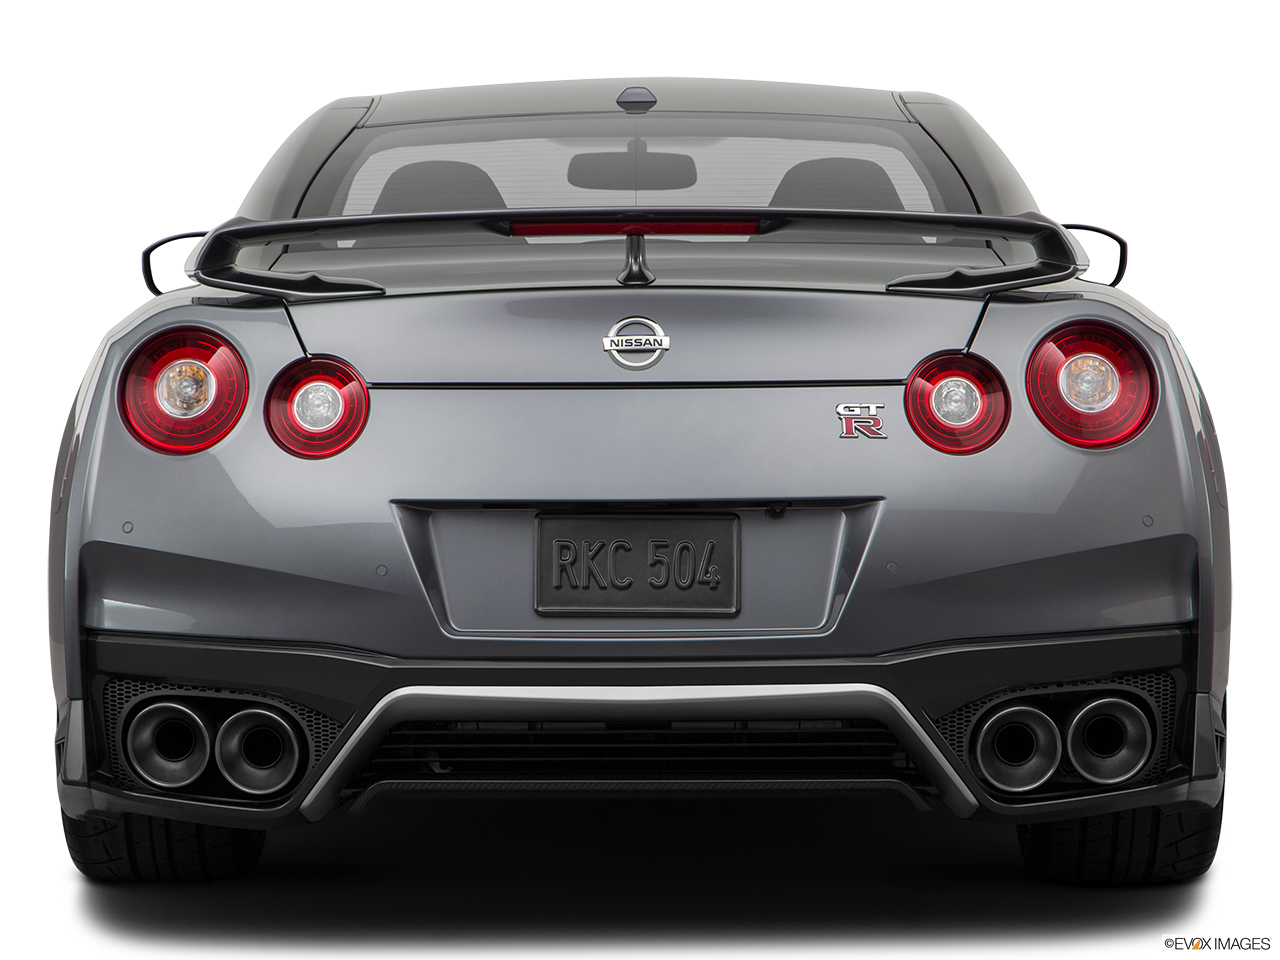 نيسان جي تي آر 2021 Track Edition في الإمارات أسعار السيارات الجديدة المواصفات تقارير وصور يللا موتور